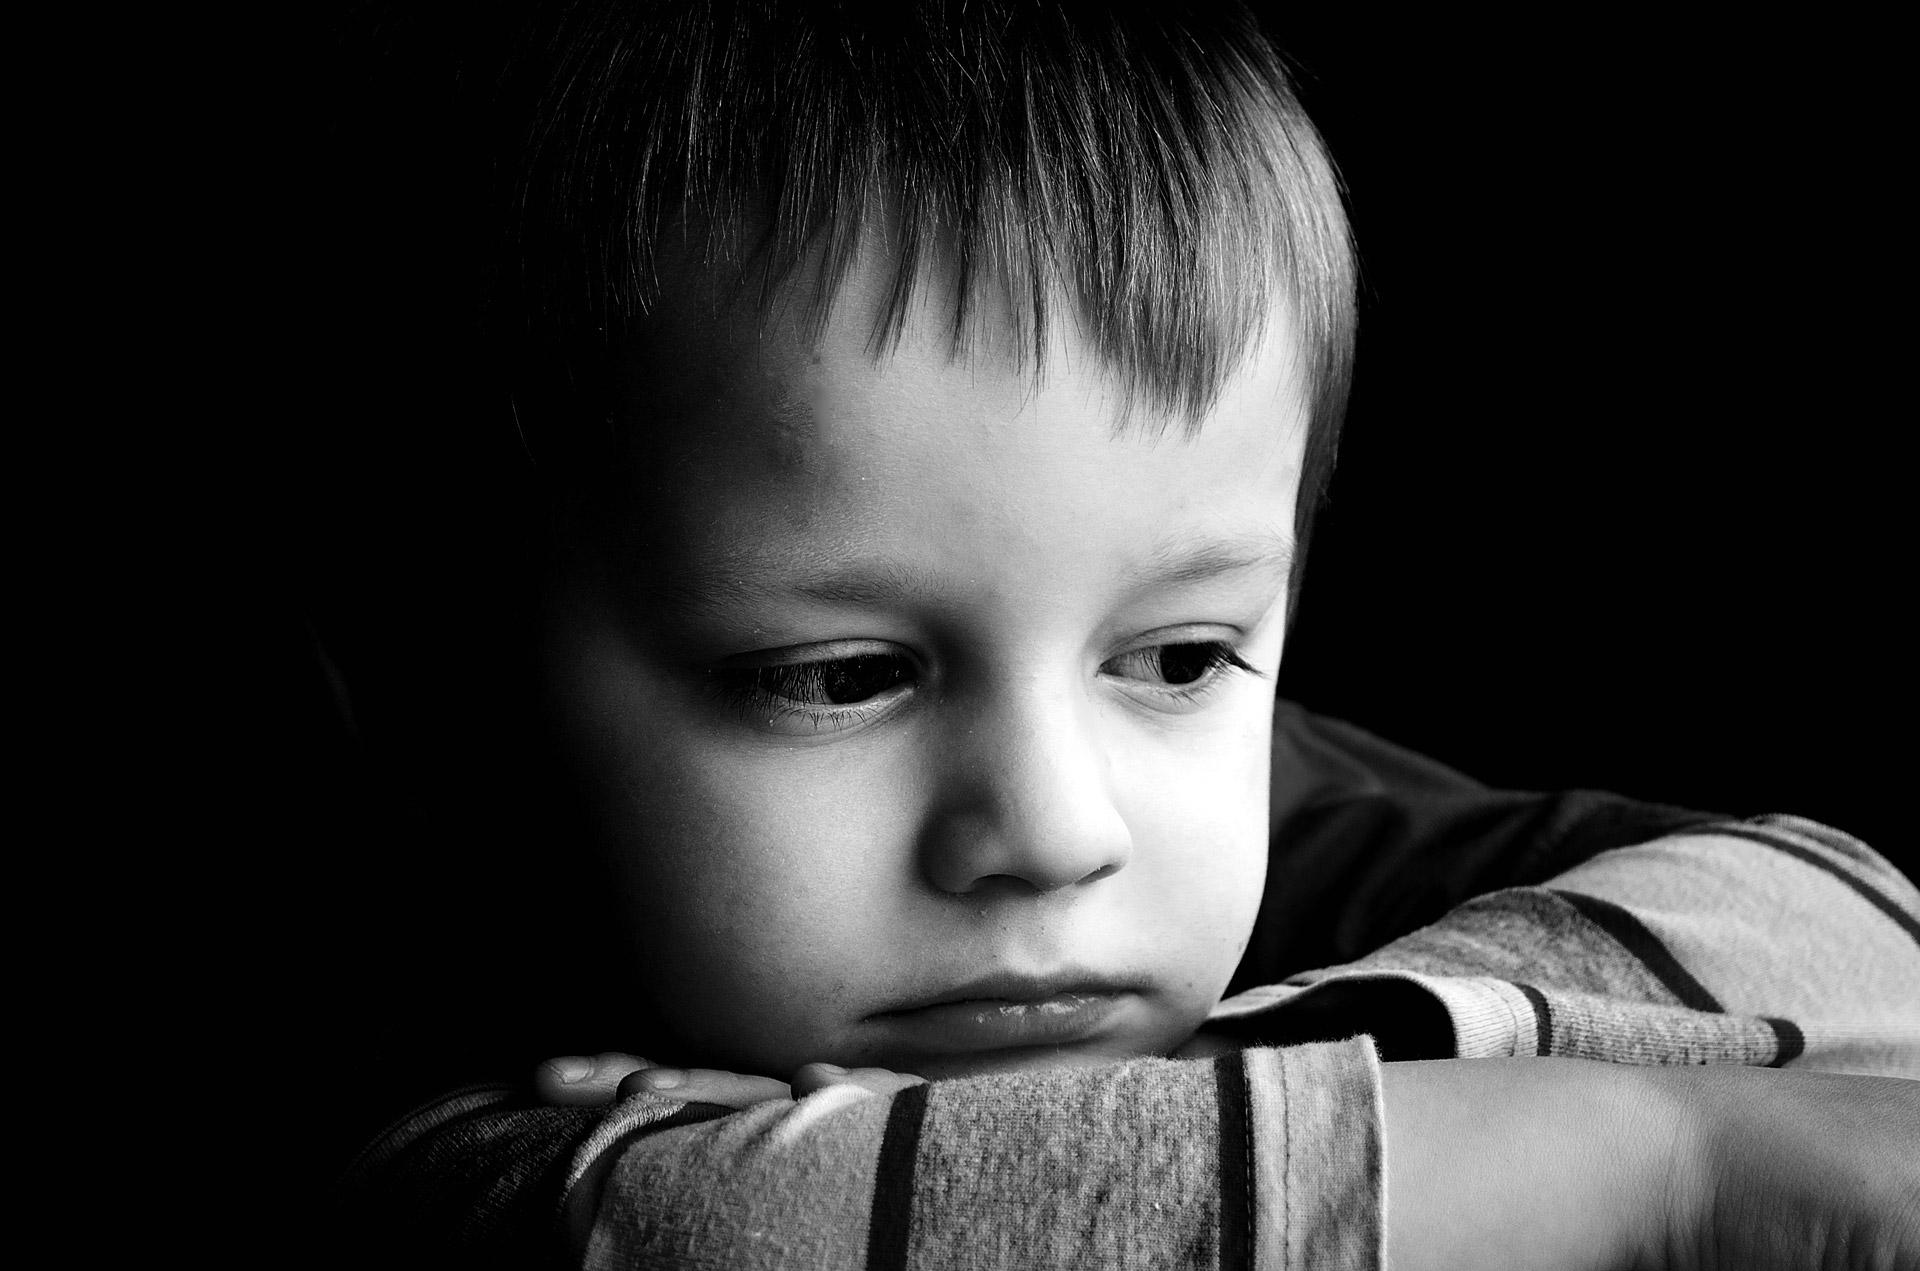 sad child portrait 2ser